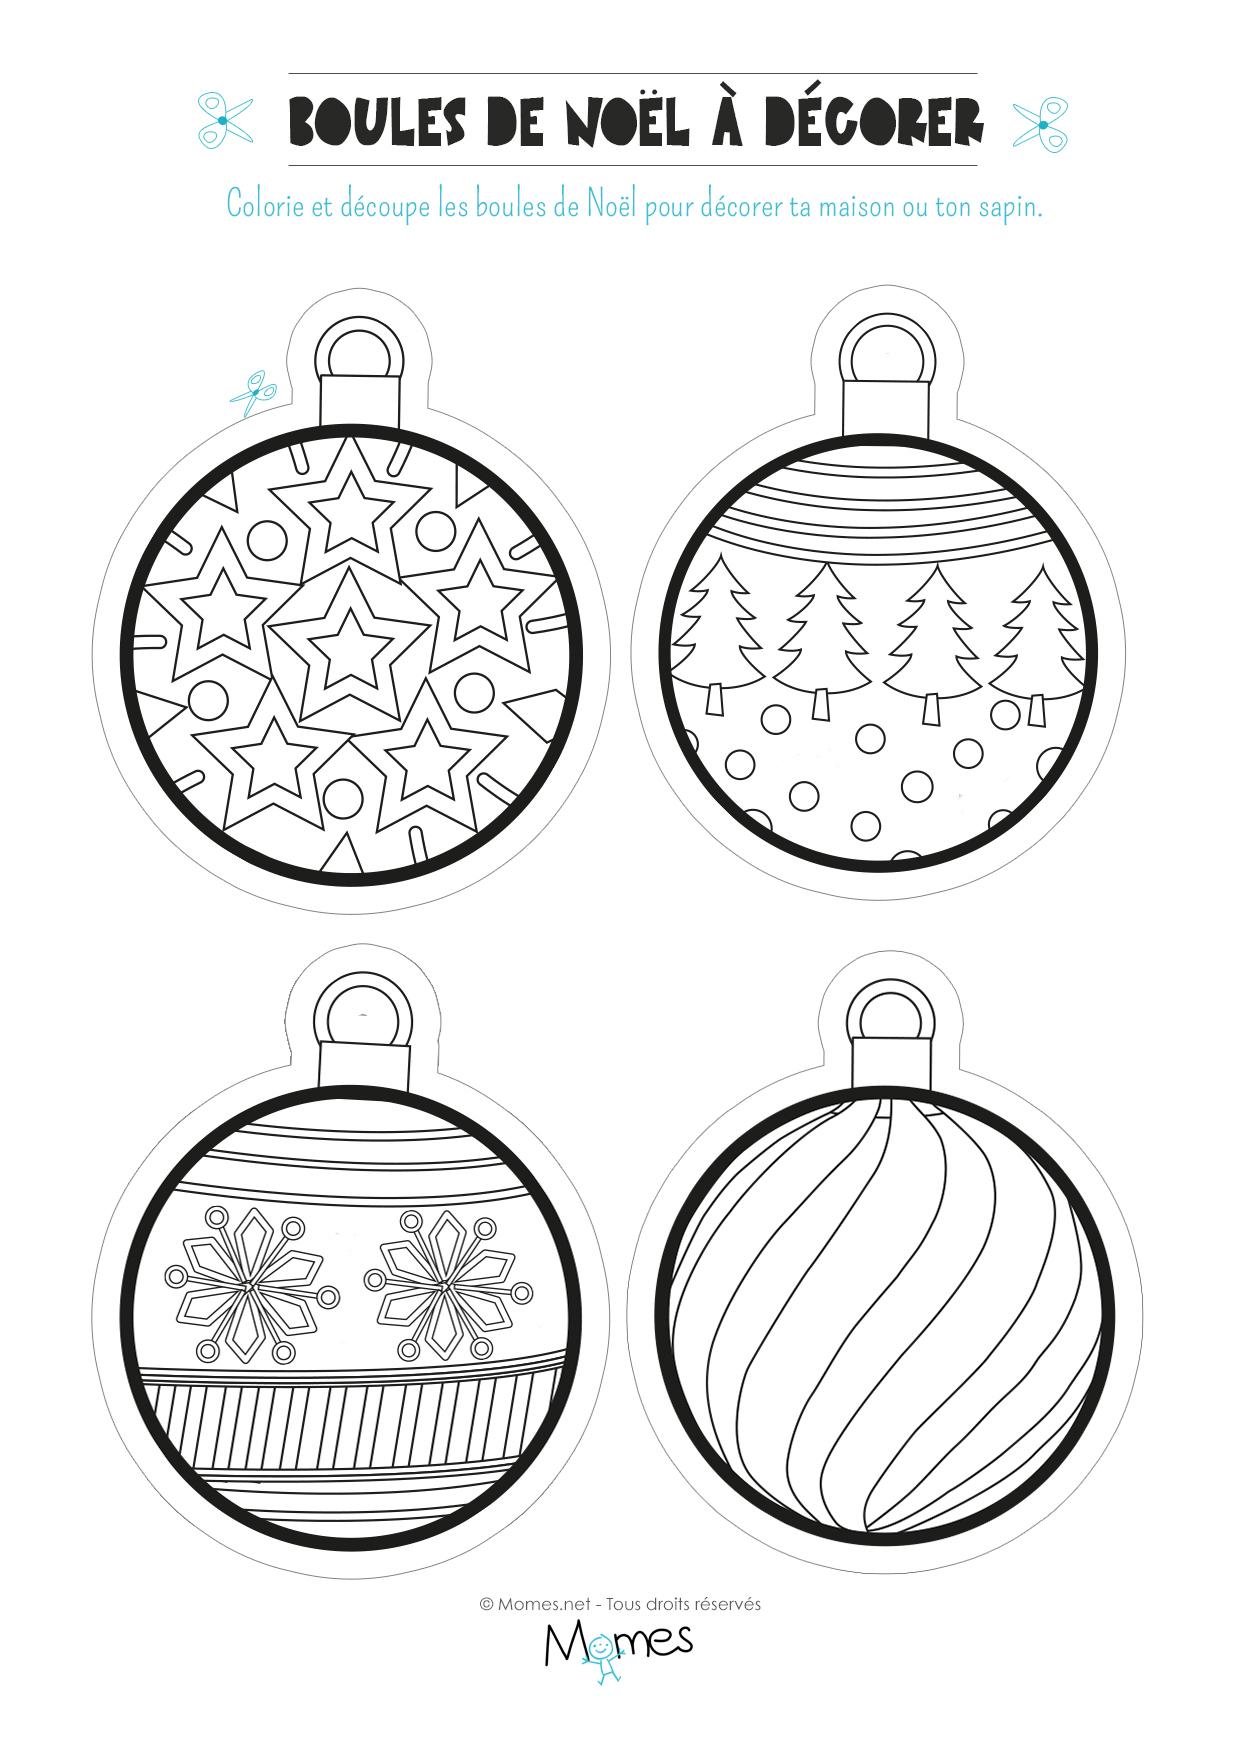 Coloriage De Boules De Noël - Momes destiné Dessin A Decouper Et A Imprimer